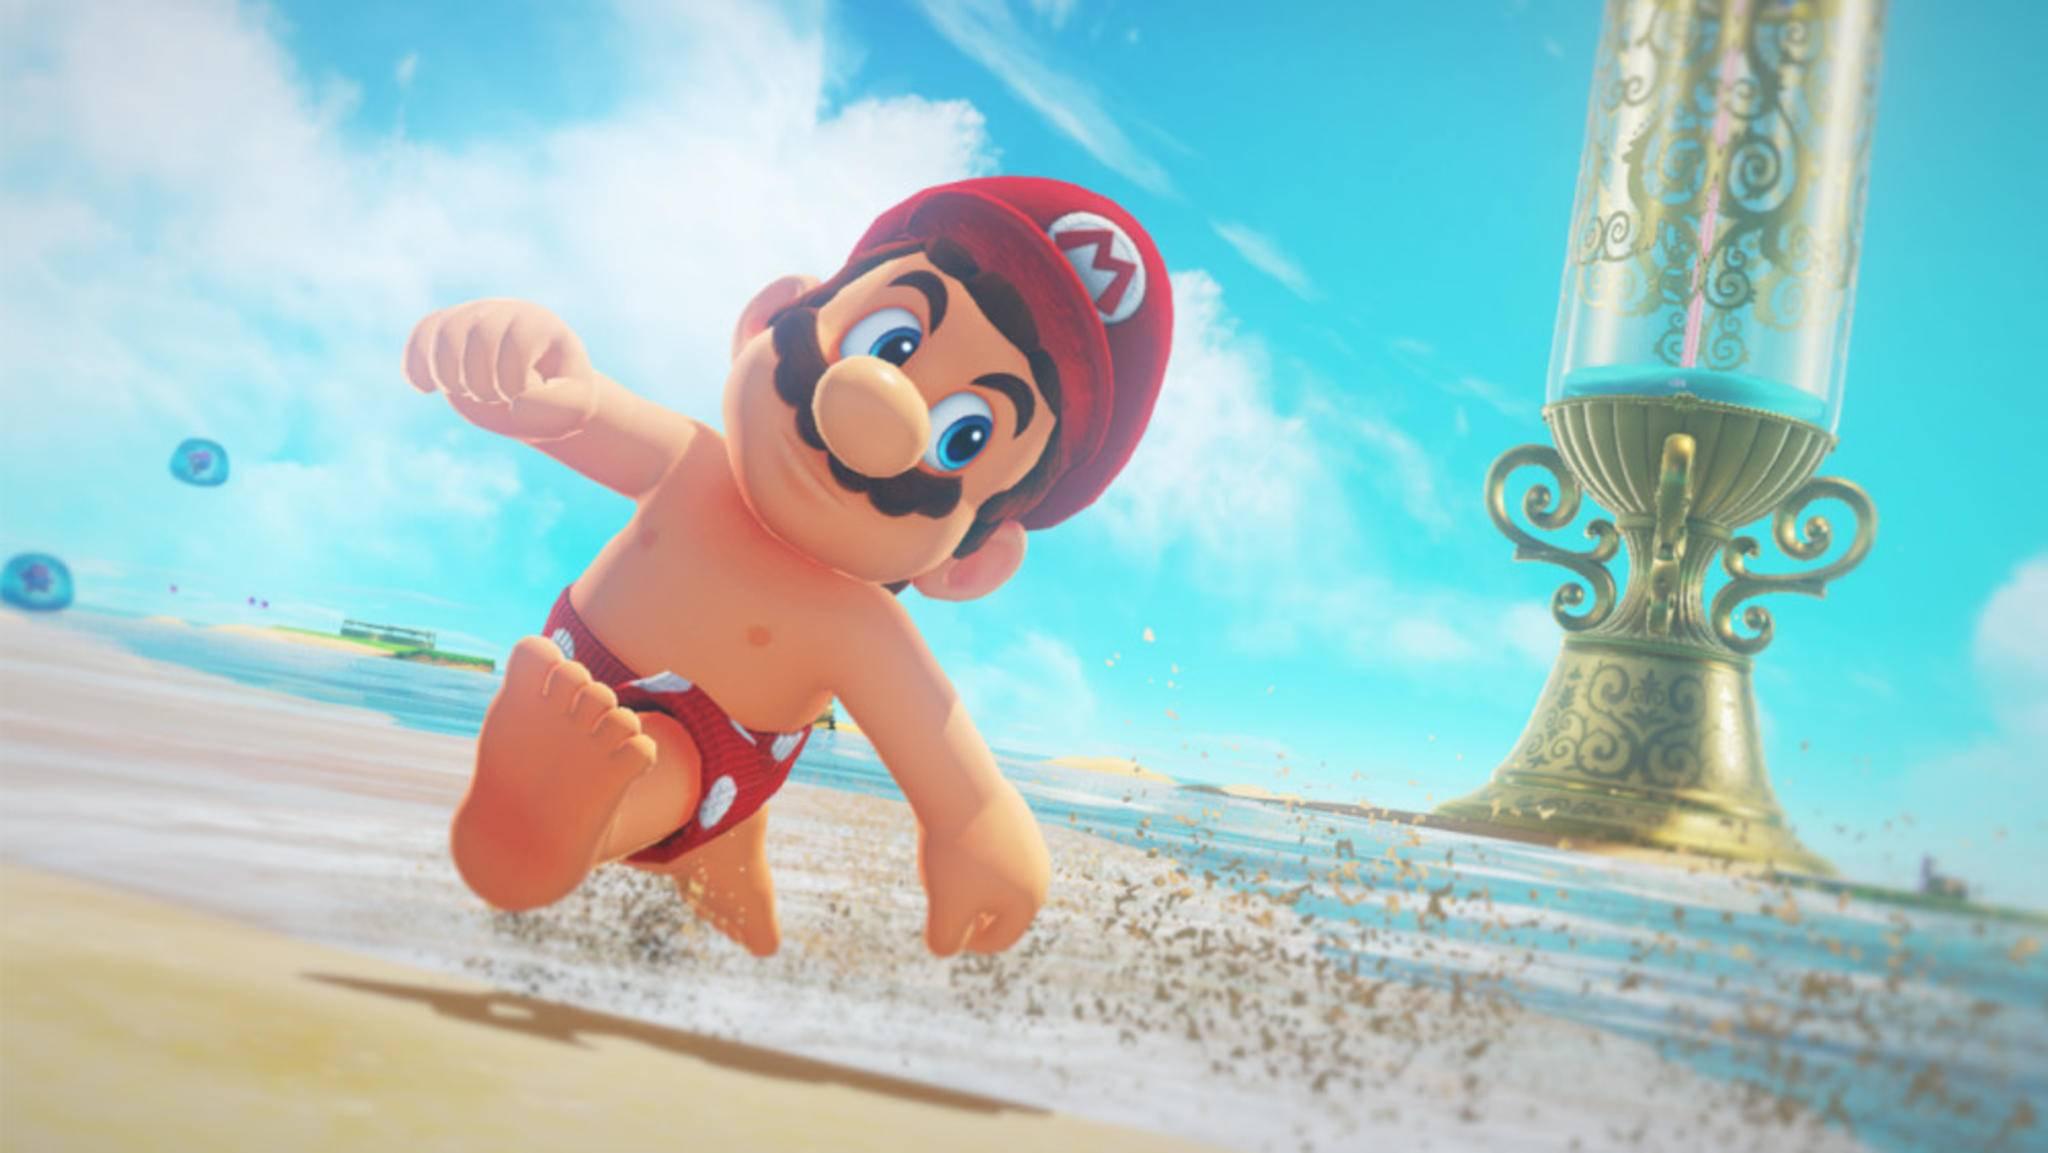 Seit sich Mario erstmals in Badehose präsentiert hat, steht das Internet Kopf.